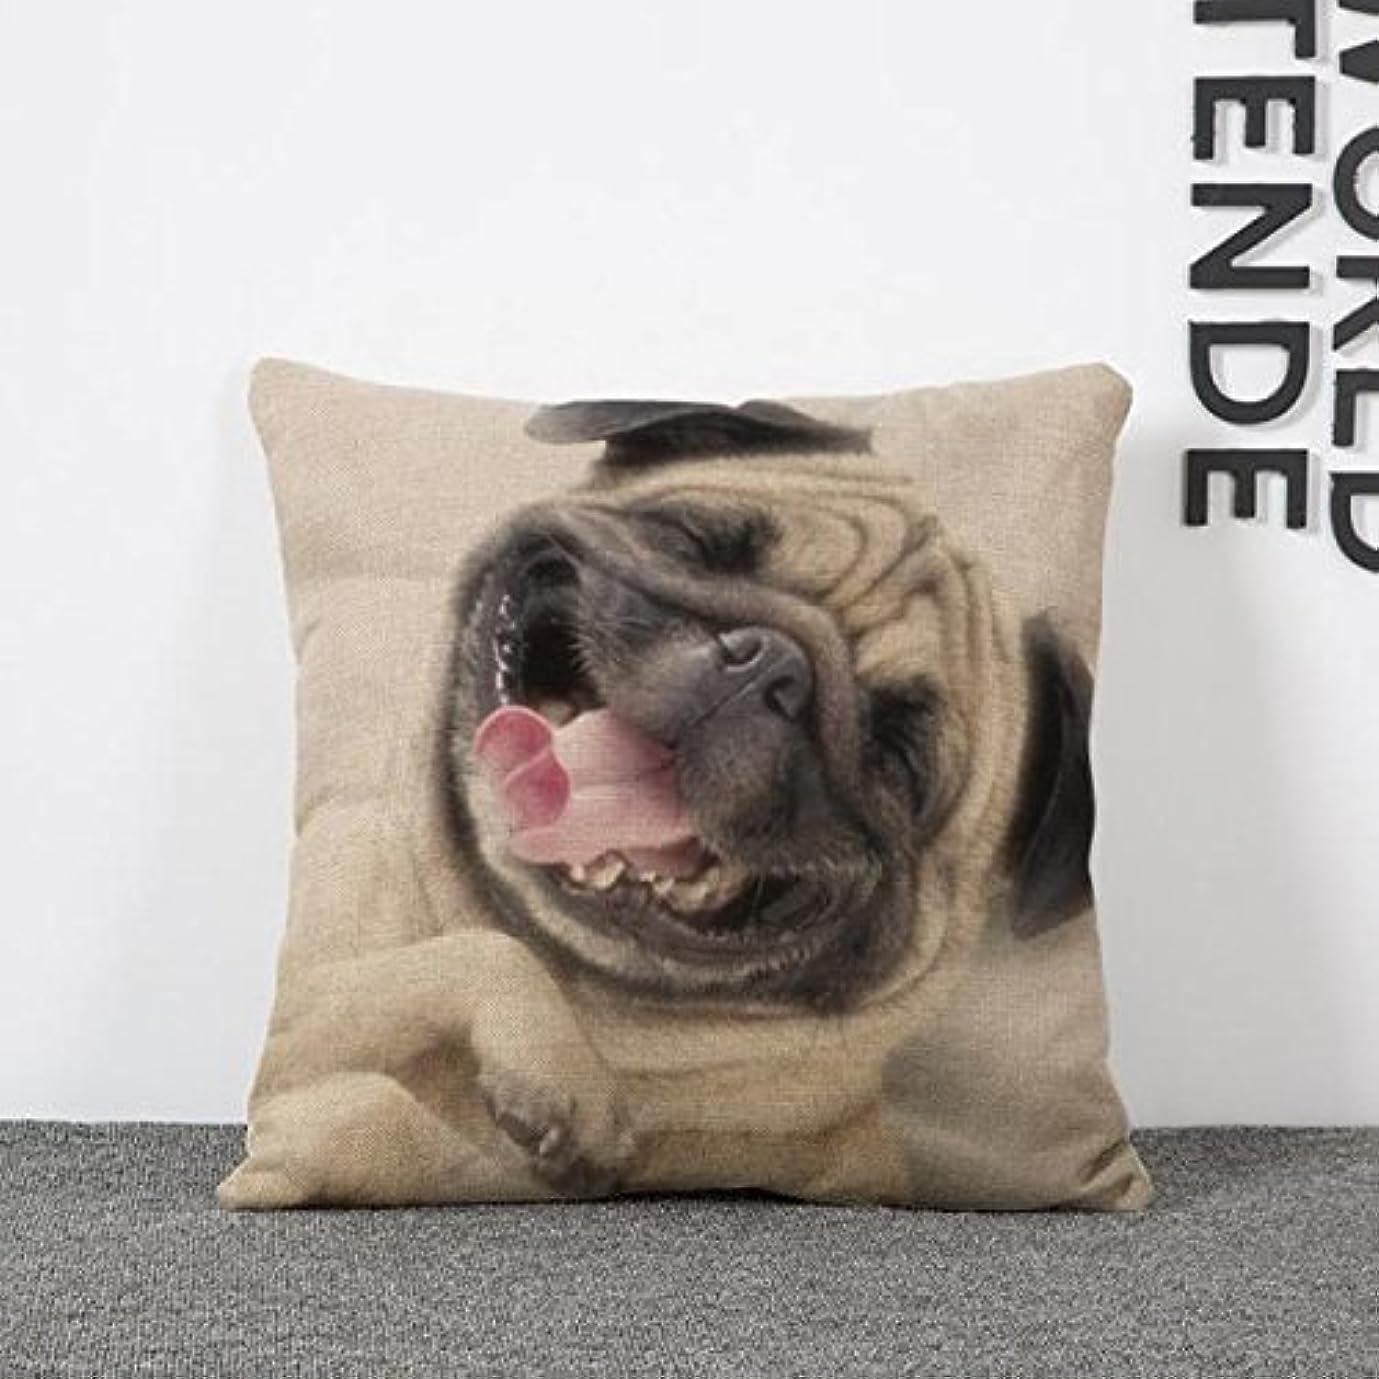 ロック解除ラテン積極的にクッションカバー 犬 枕 装飾 45 * 45cm 漫画 ソファ ベッド コットン